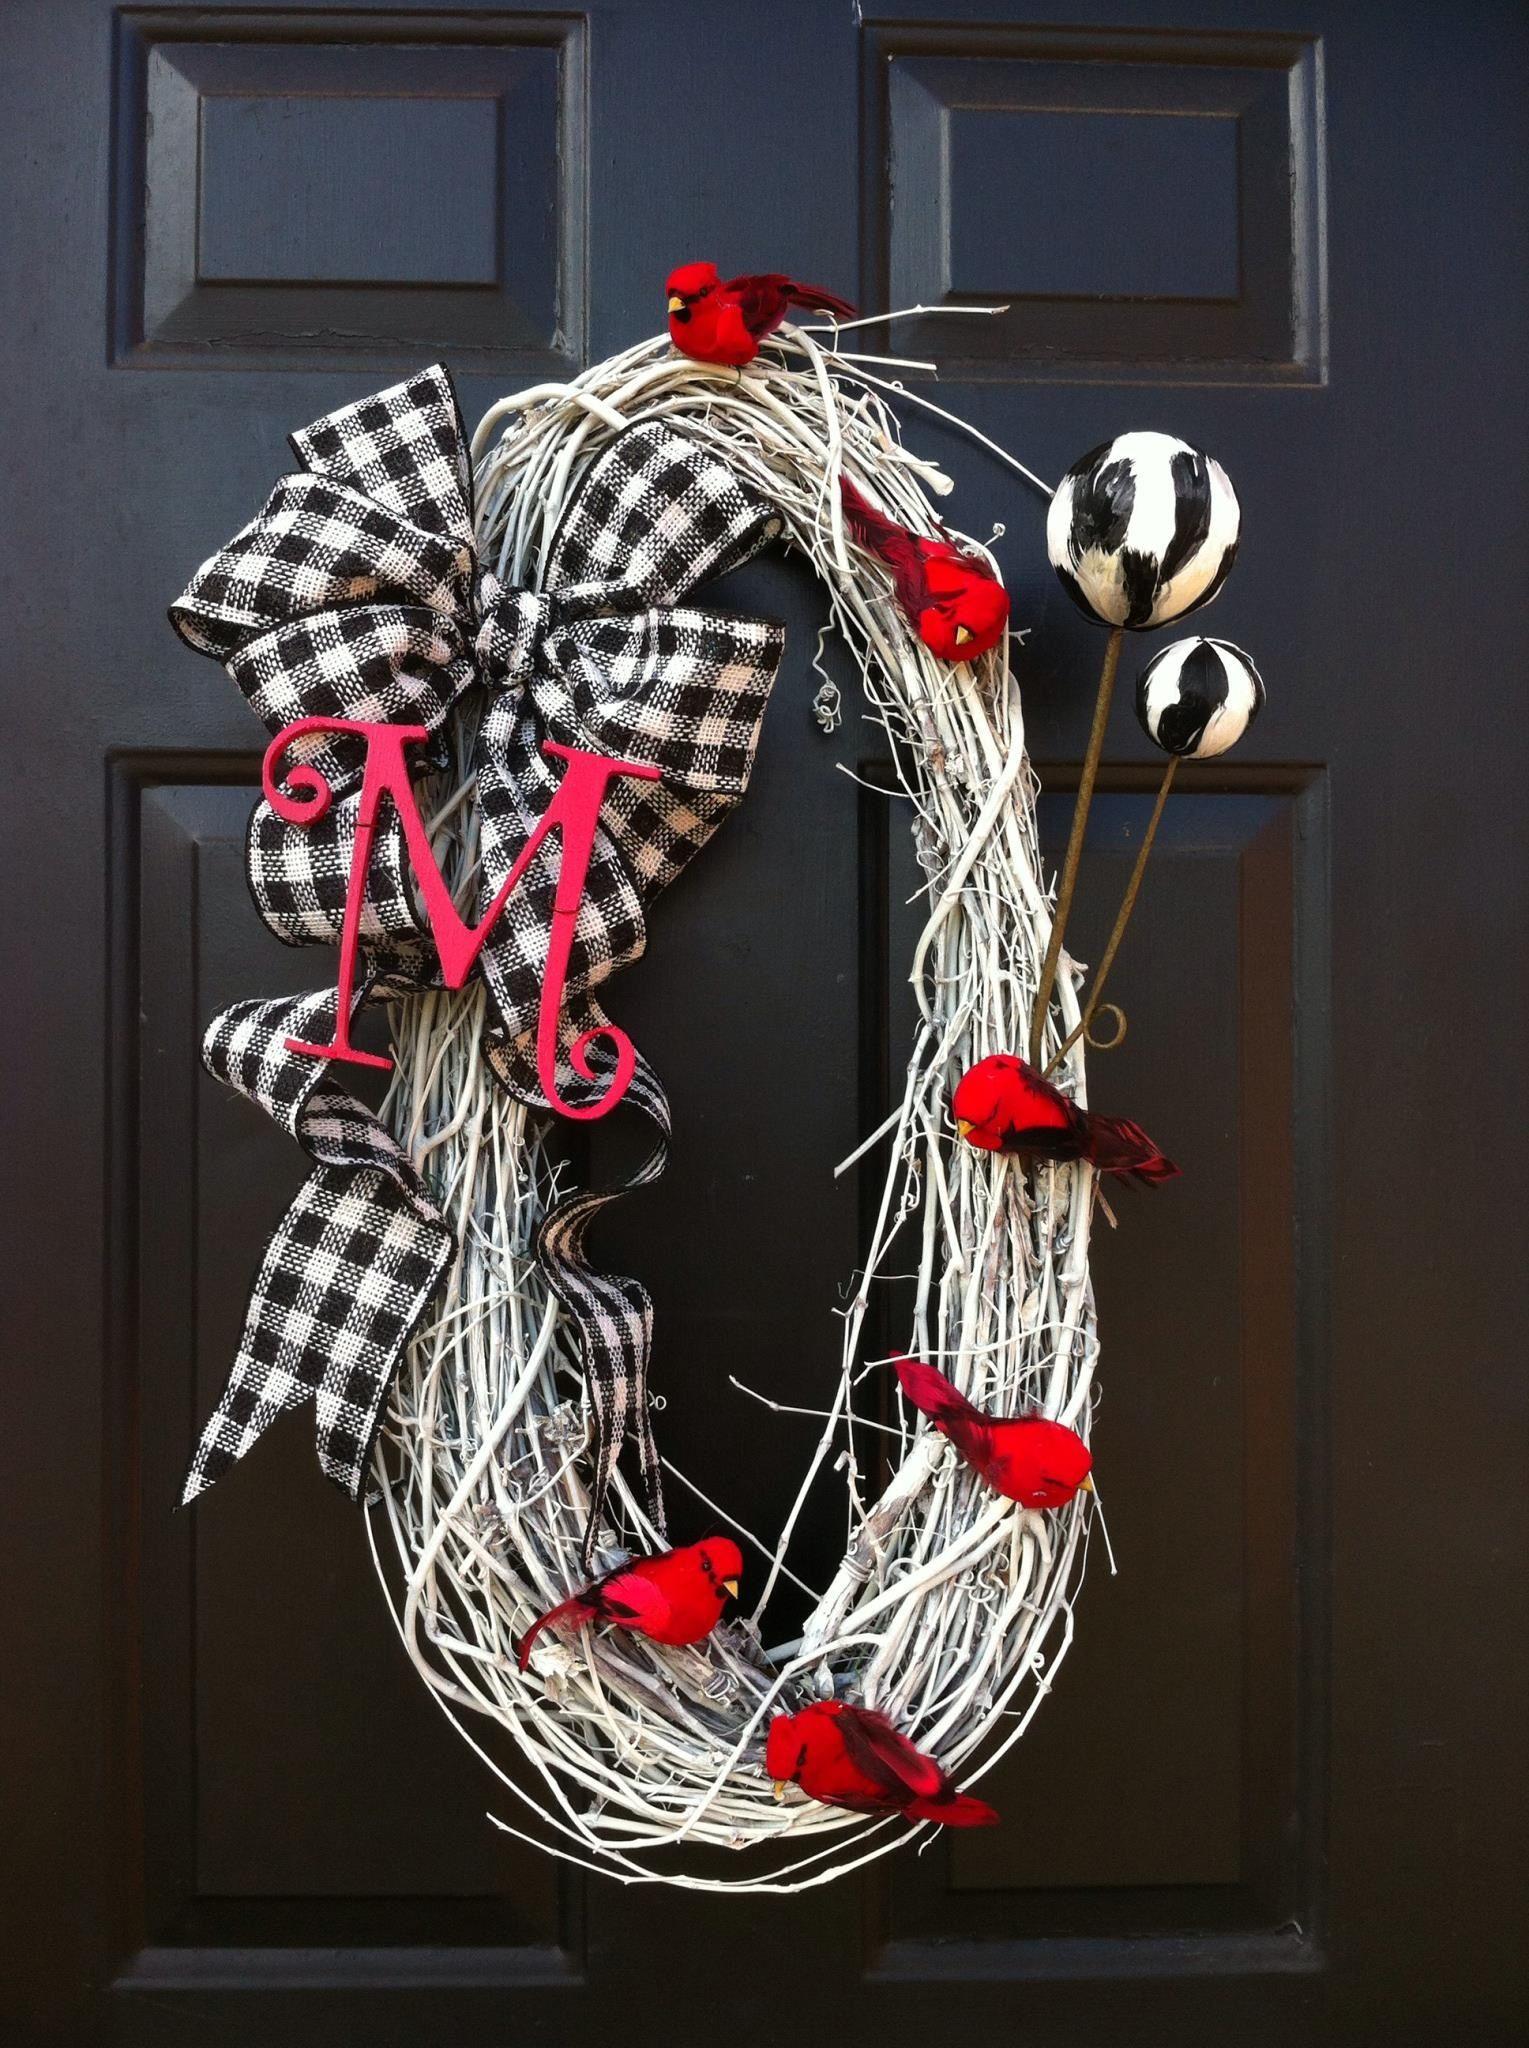 My Diy Door Wreath For January Door Wreaths Diy Wreath